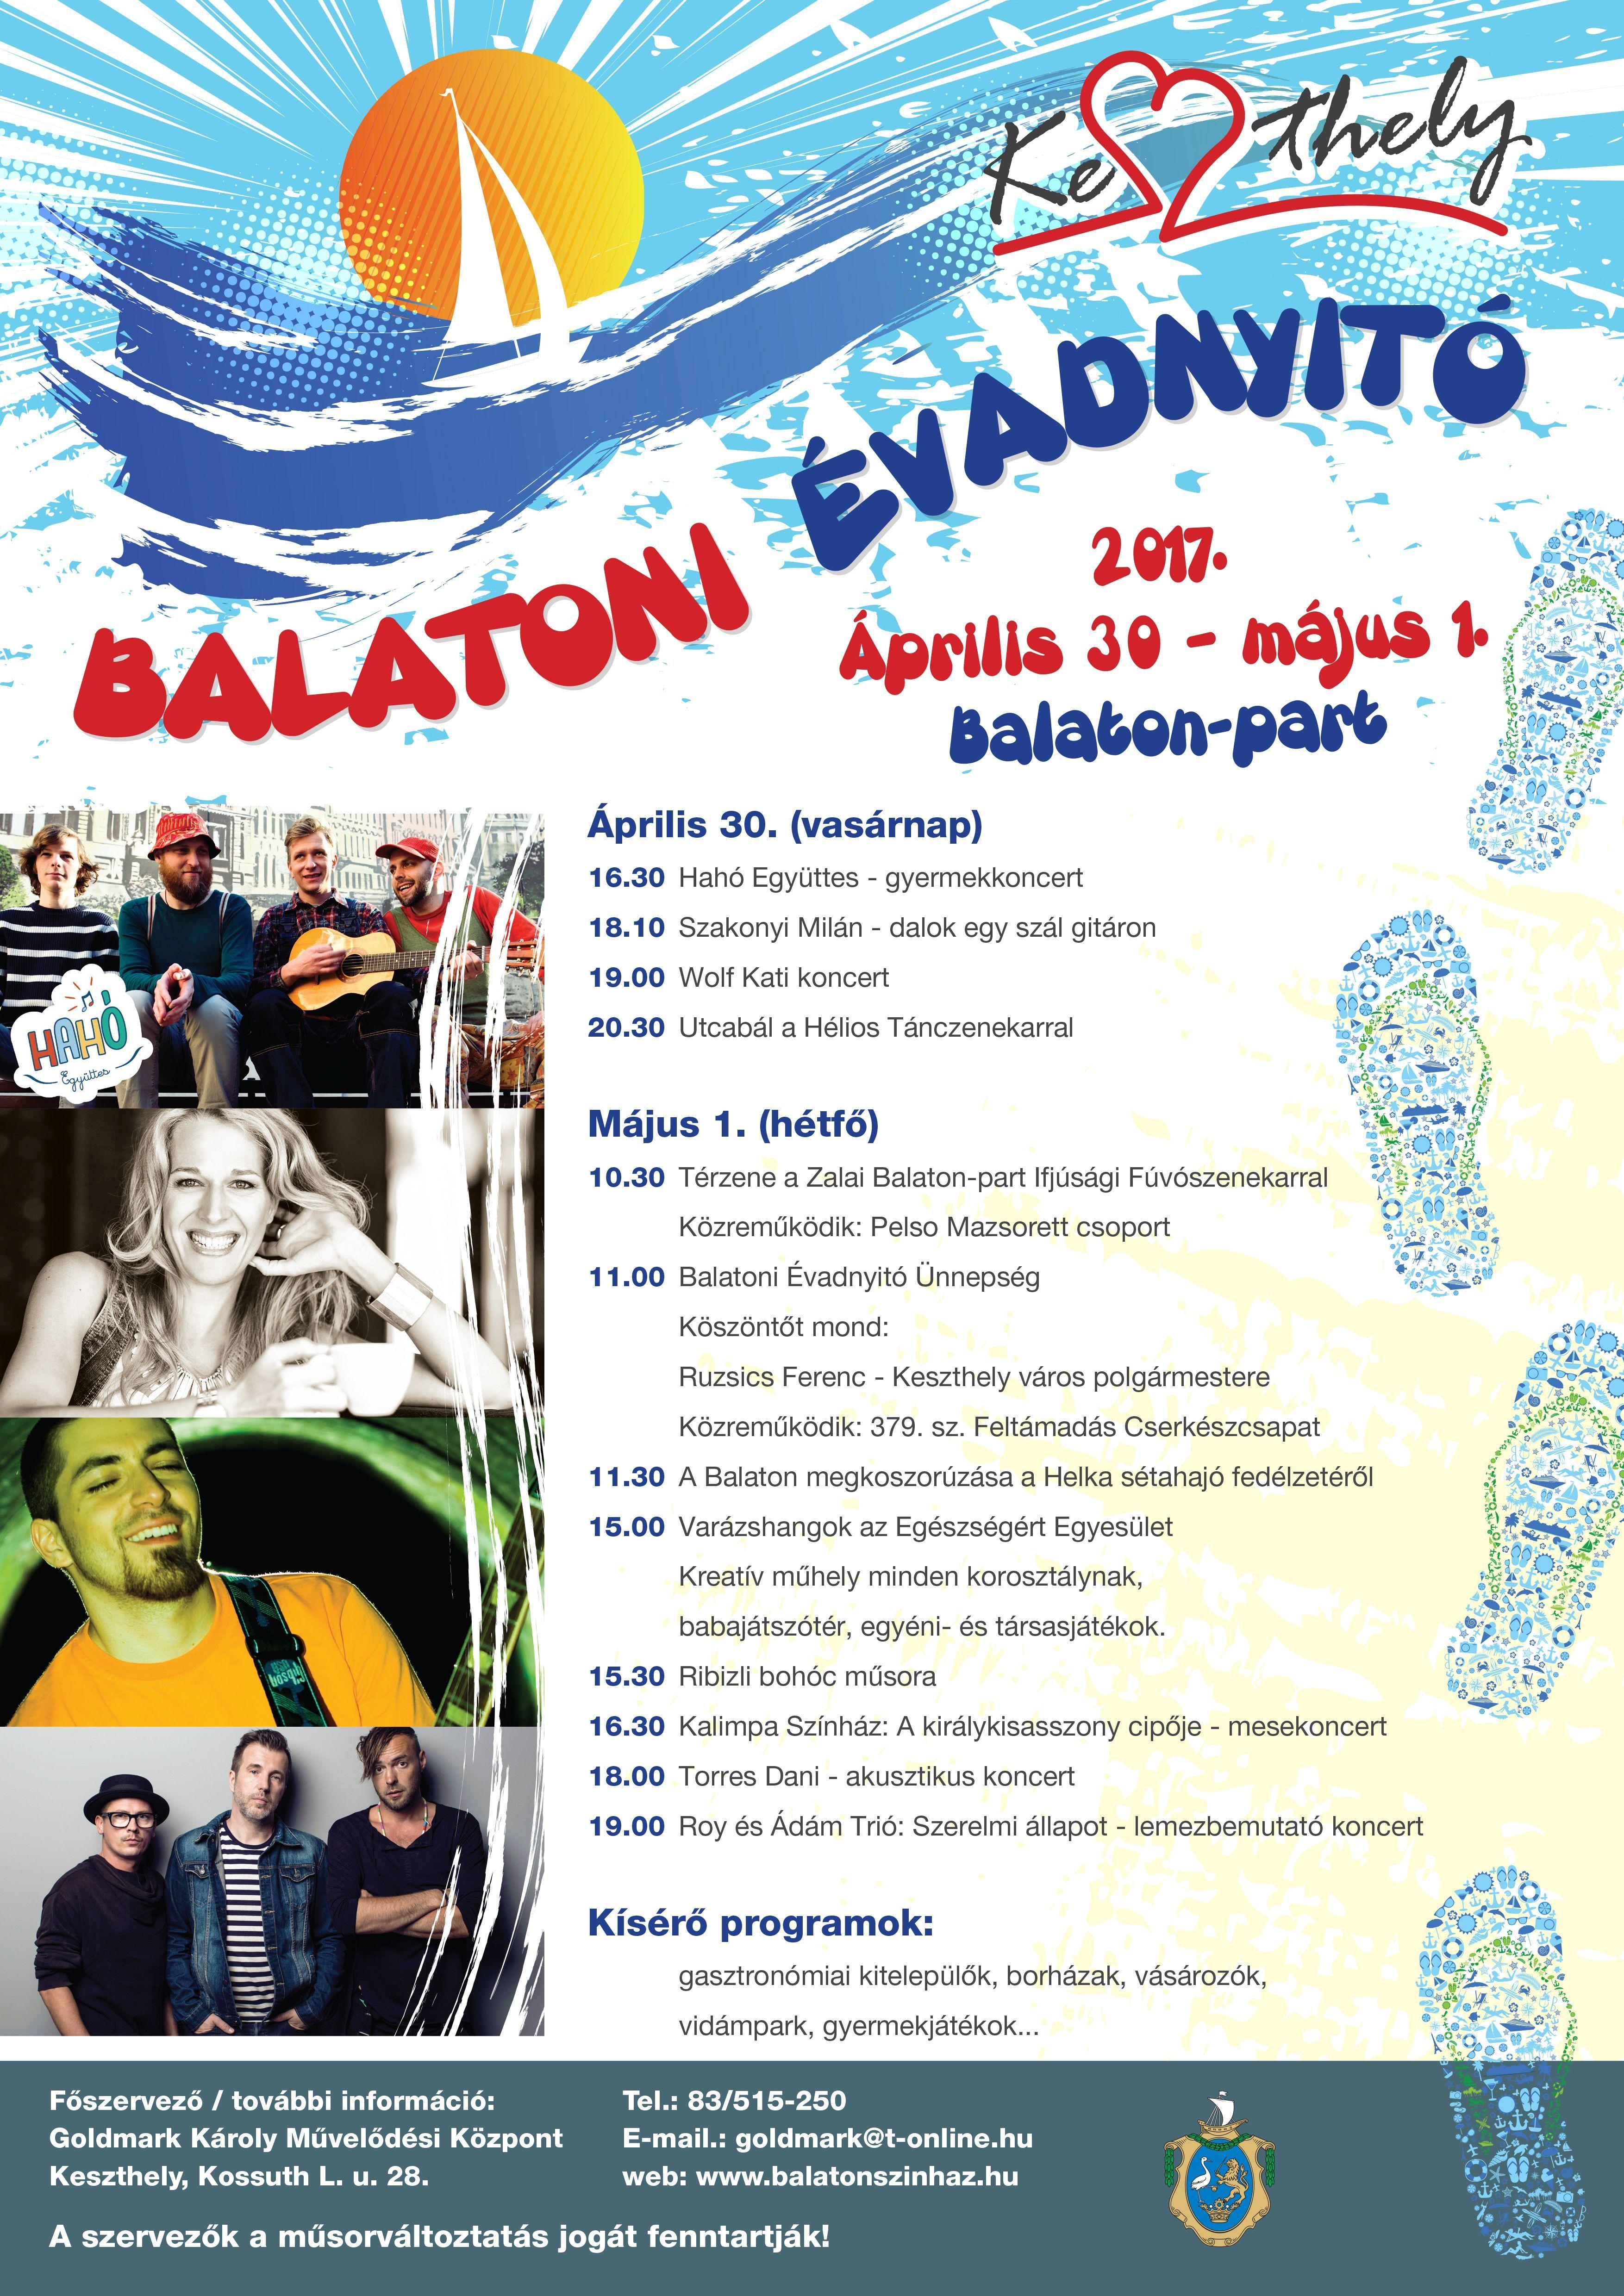 Balatoni évadnyitó és majális Keszthelyen